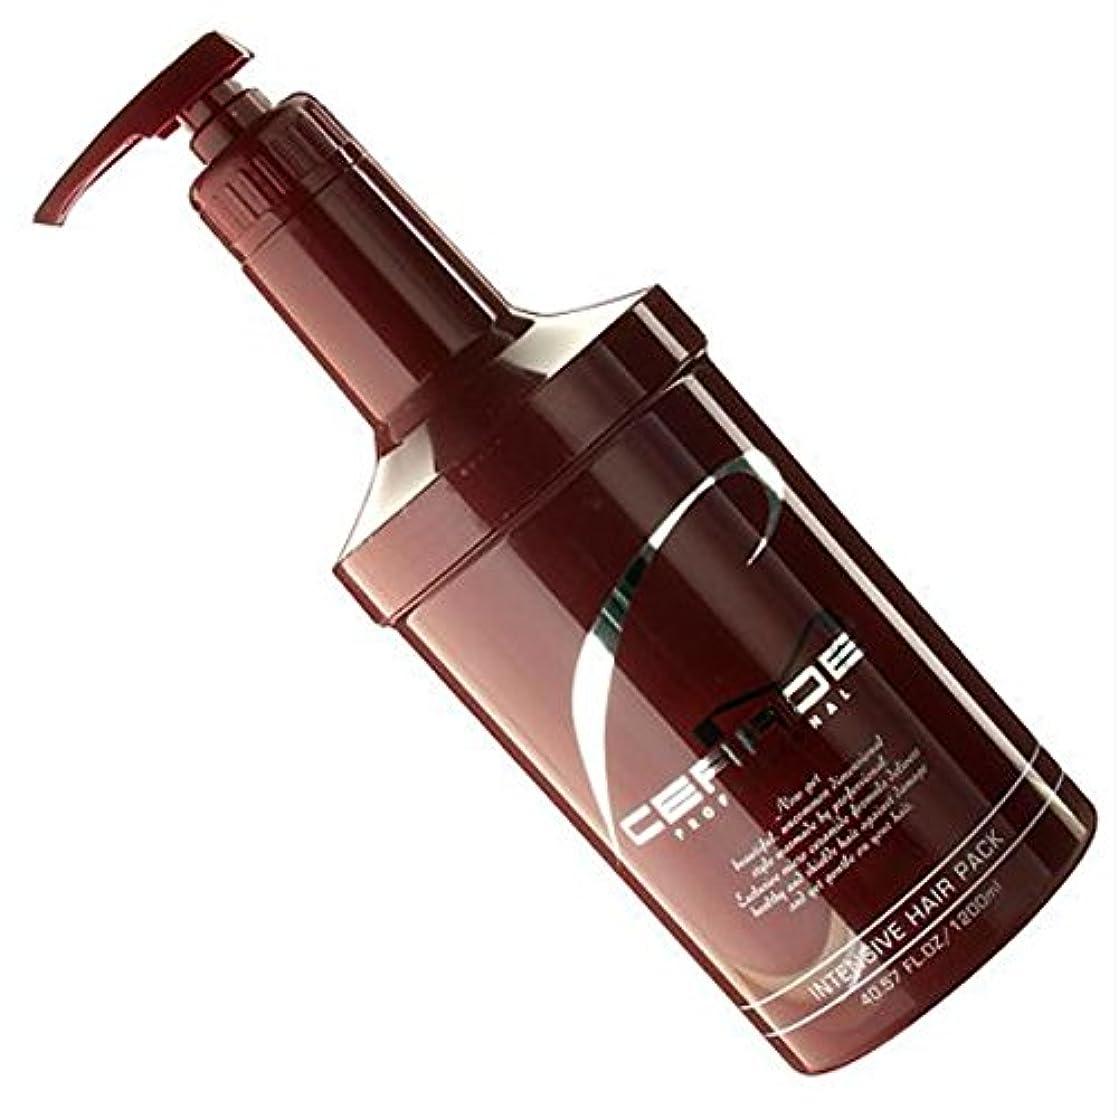 フェリー買い手バンケット【韓国コスメ】[Somang/希望]Somang Mcerade Intensive Hair Pack 1200ml/希望エムセロッド集中ヘアパック(海外直送品)